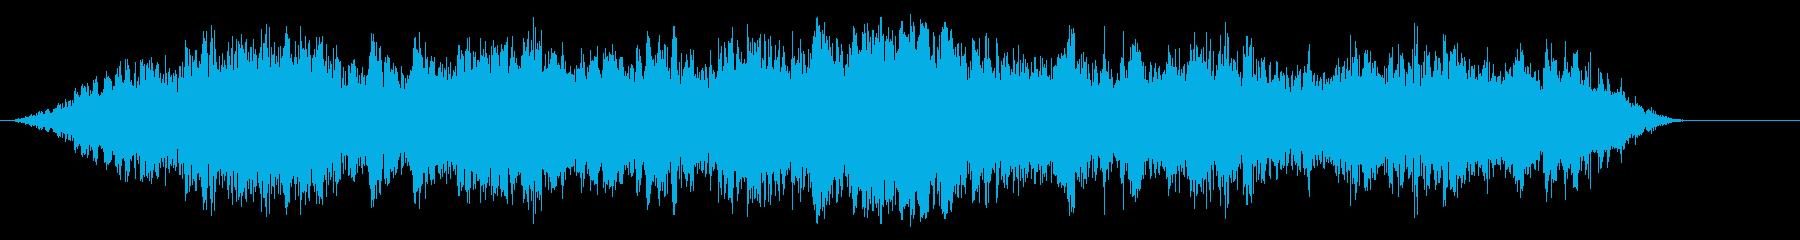 バッスルライオット0-40の再生済みの波形